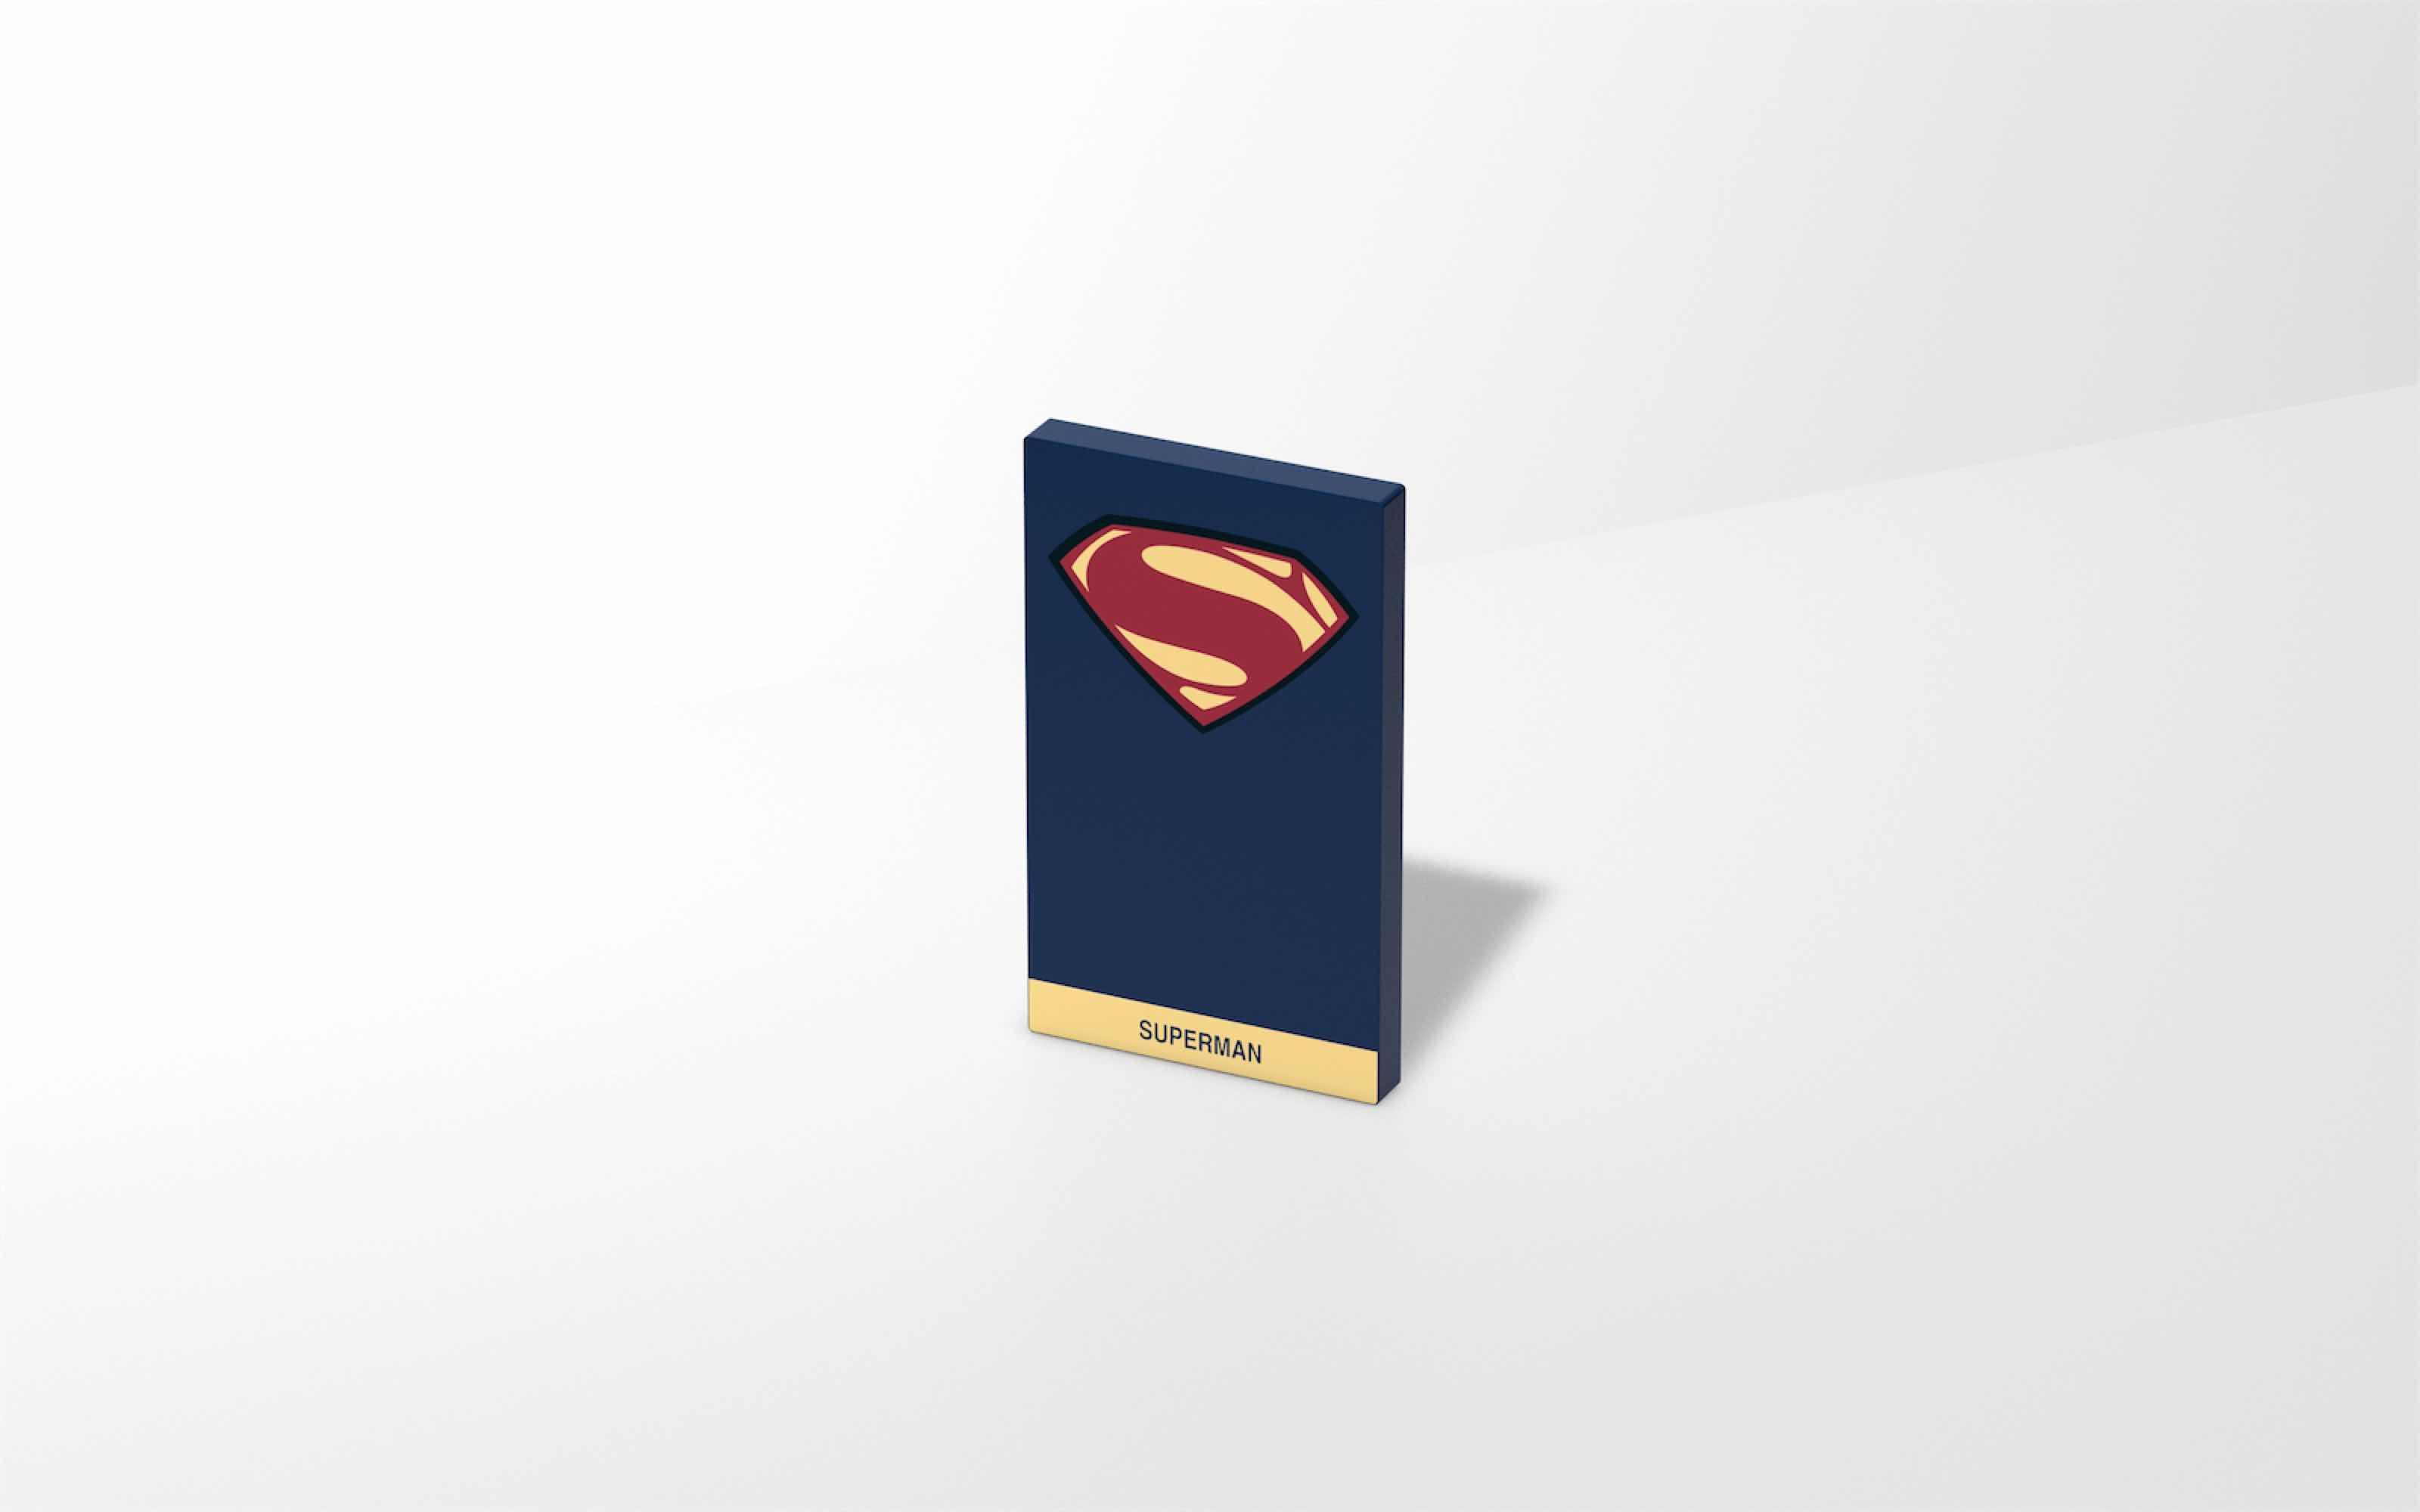 SUPERMAN BATERIA PORTATIL DC COMICS